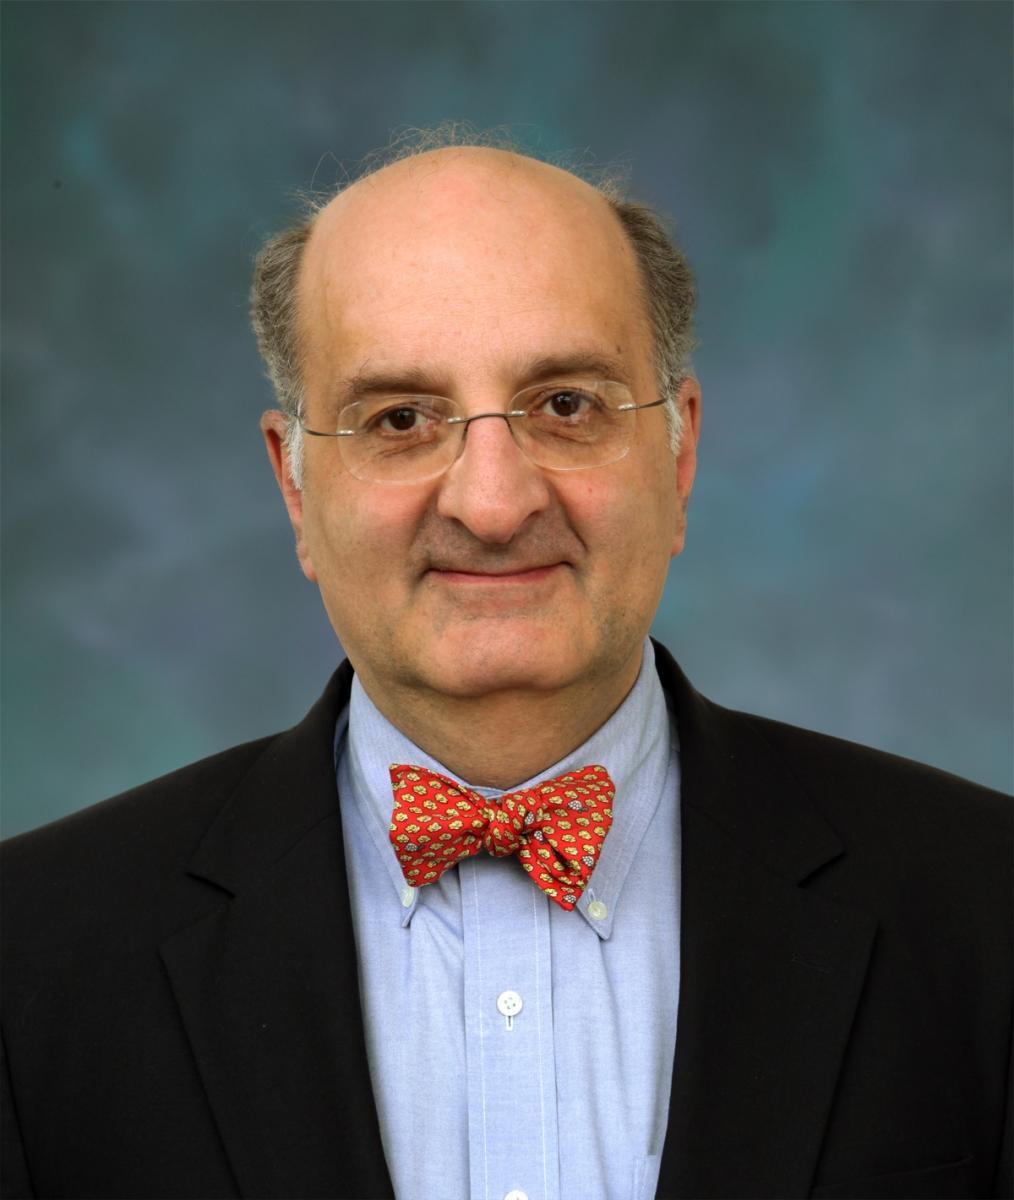 Robert Laureno, Neurology Attending